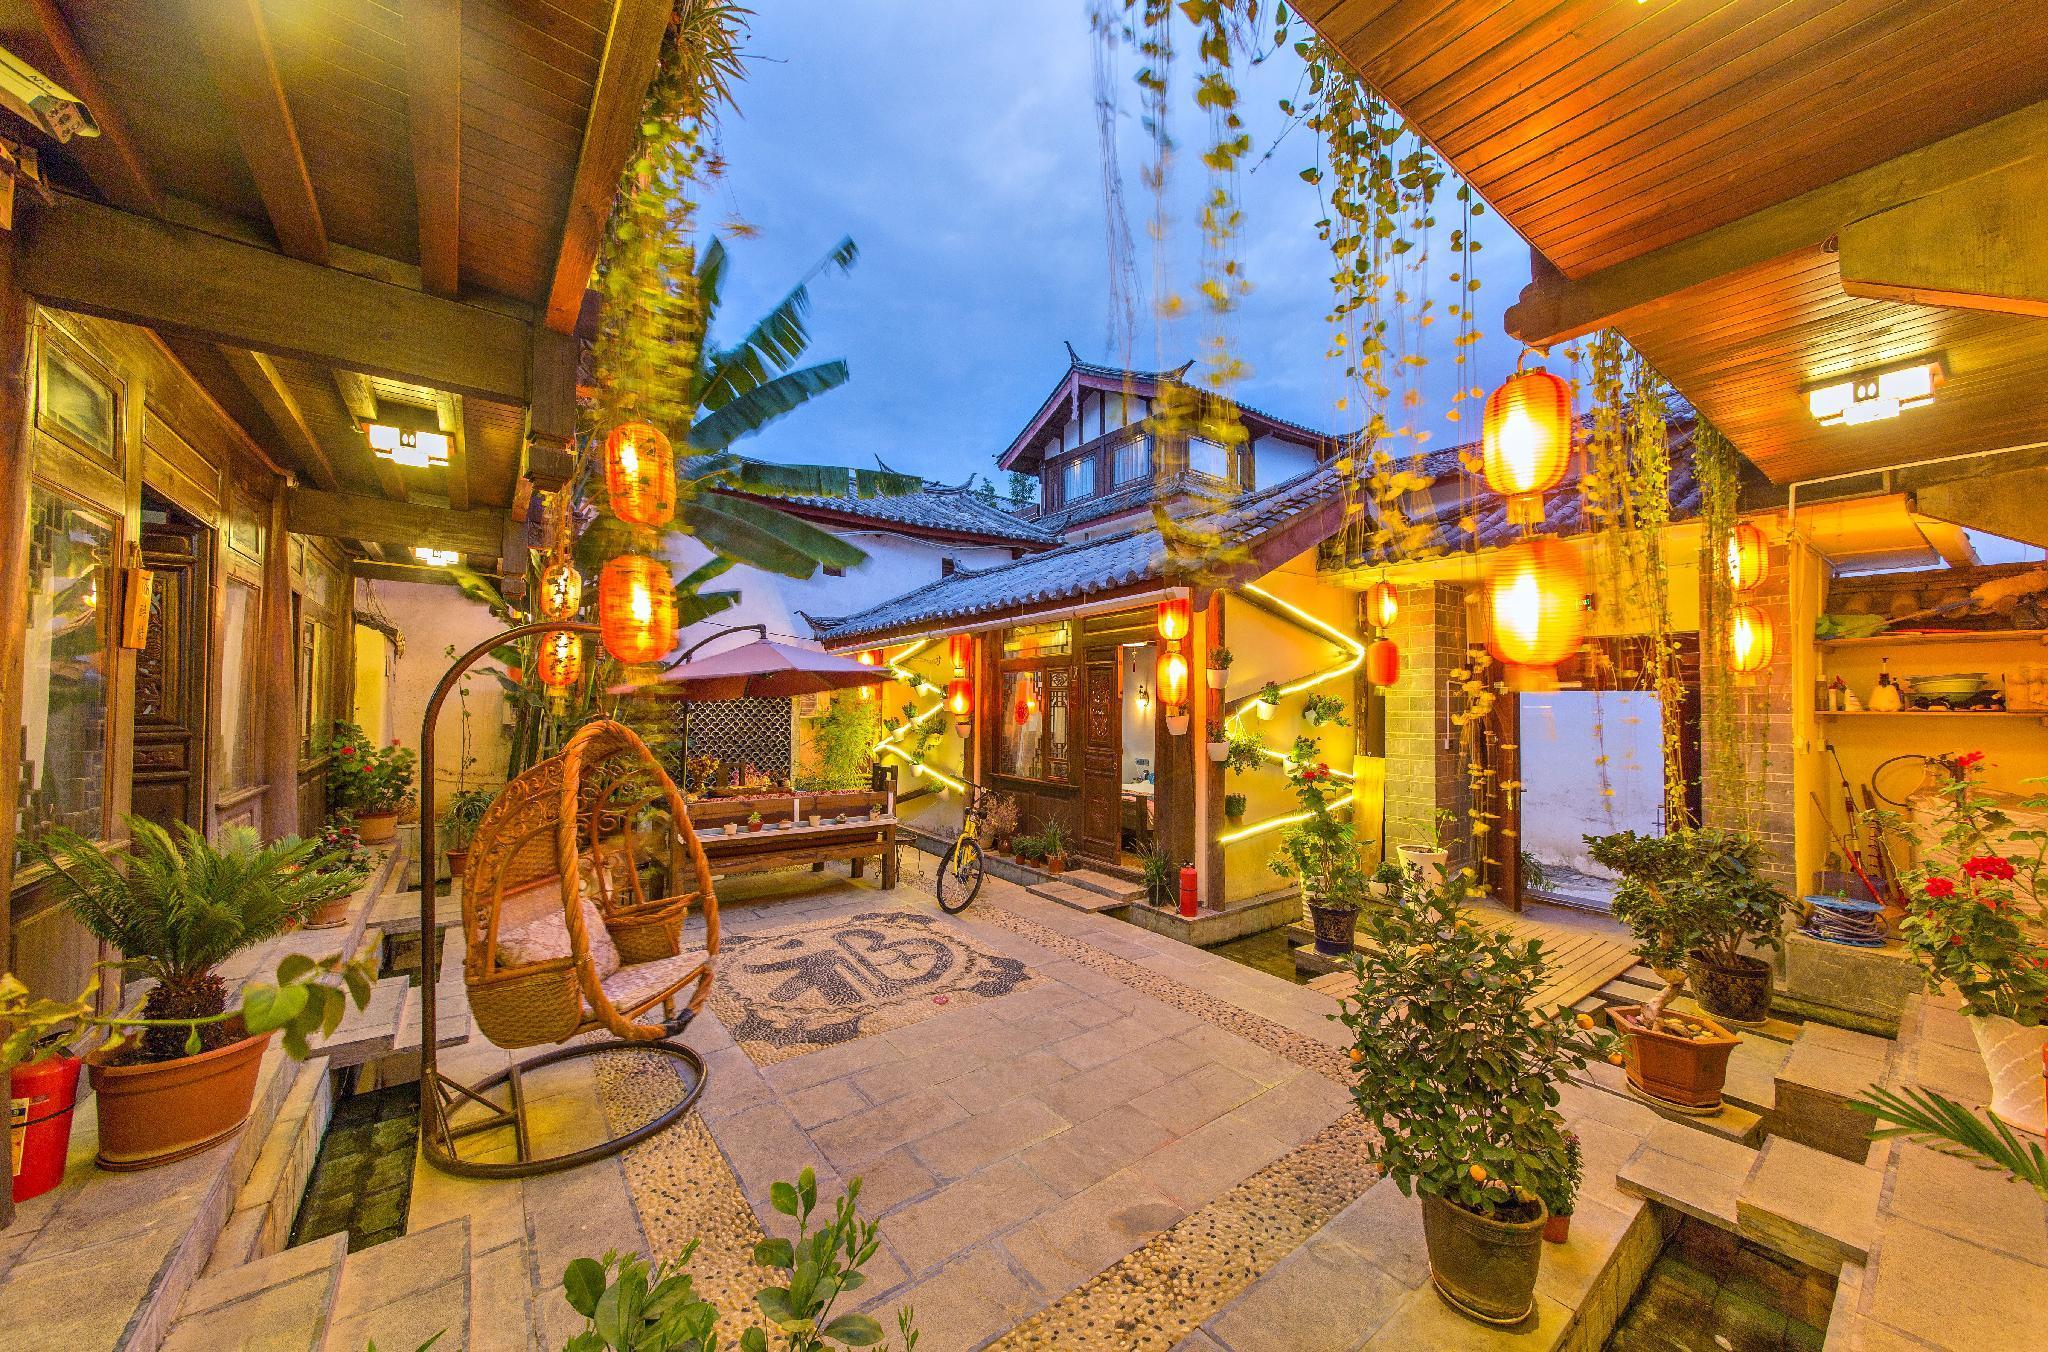 Zui Hou Inn